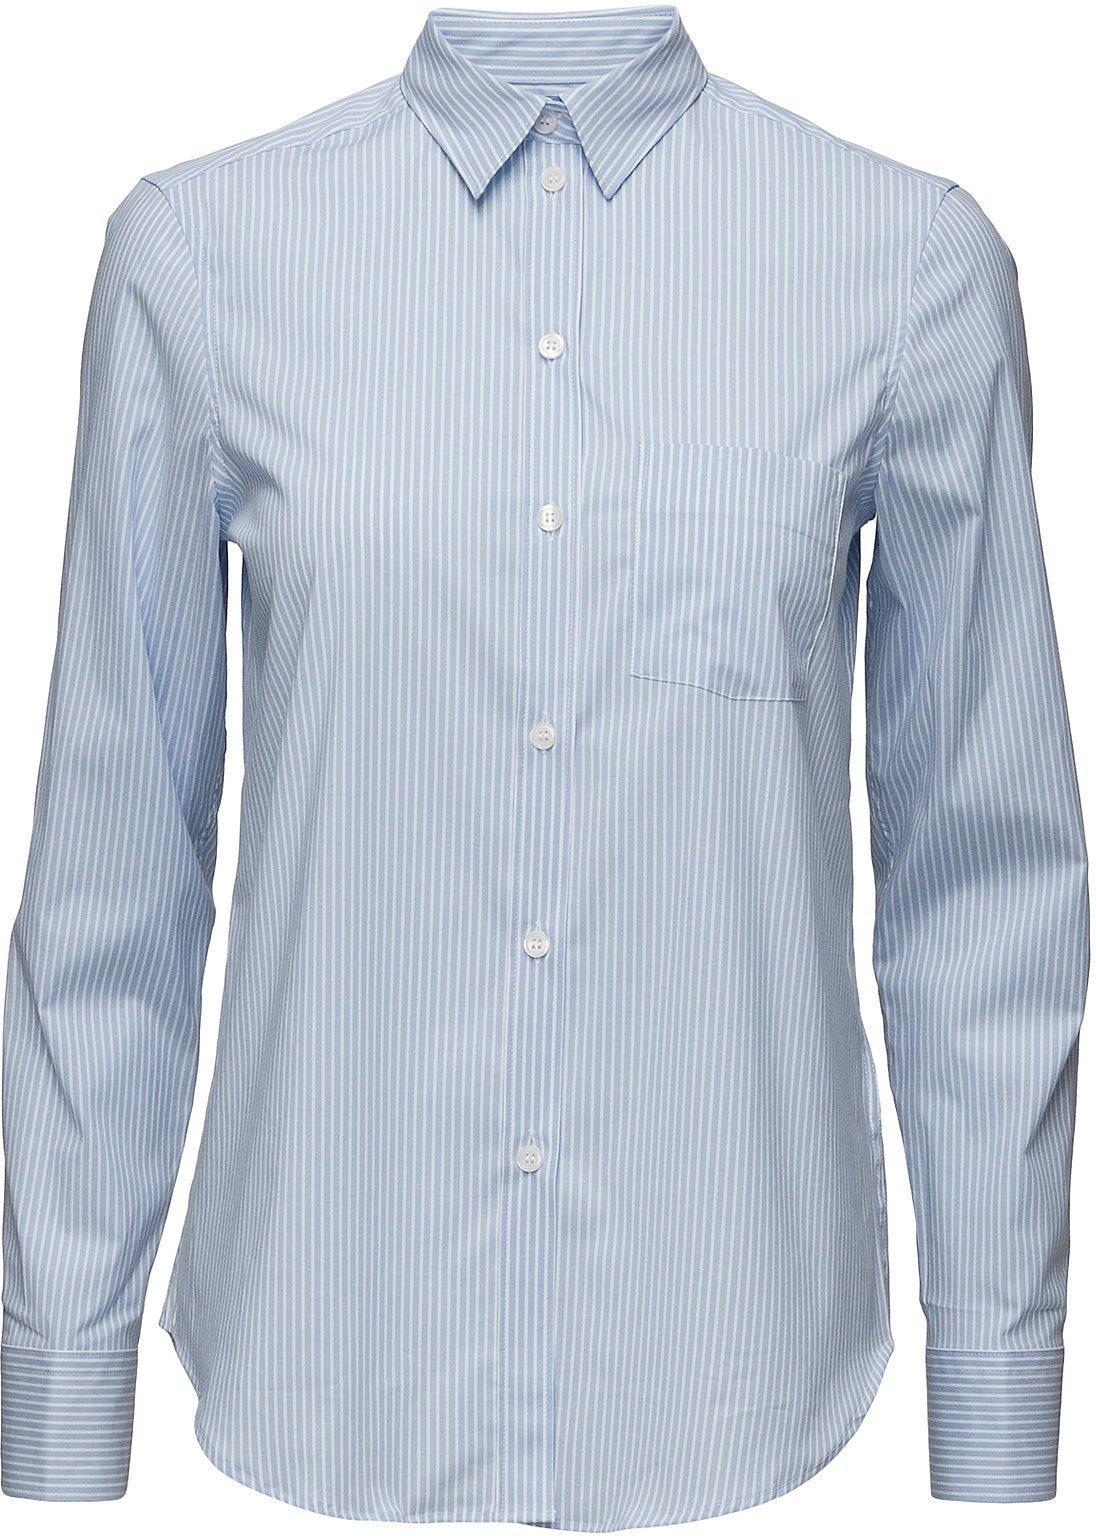 GANT skjorte med dame skjorter, sammenlign priser og kjøp på